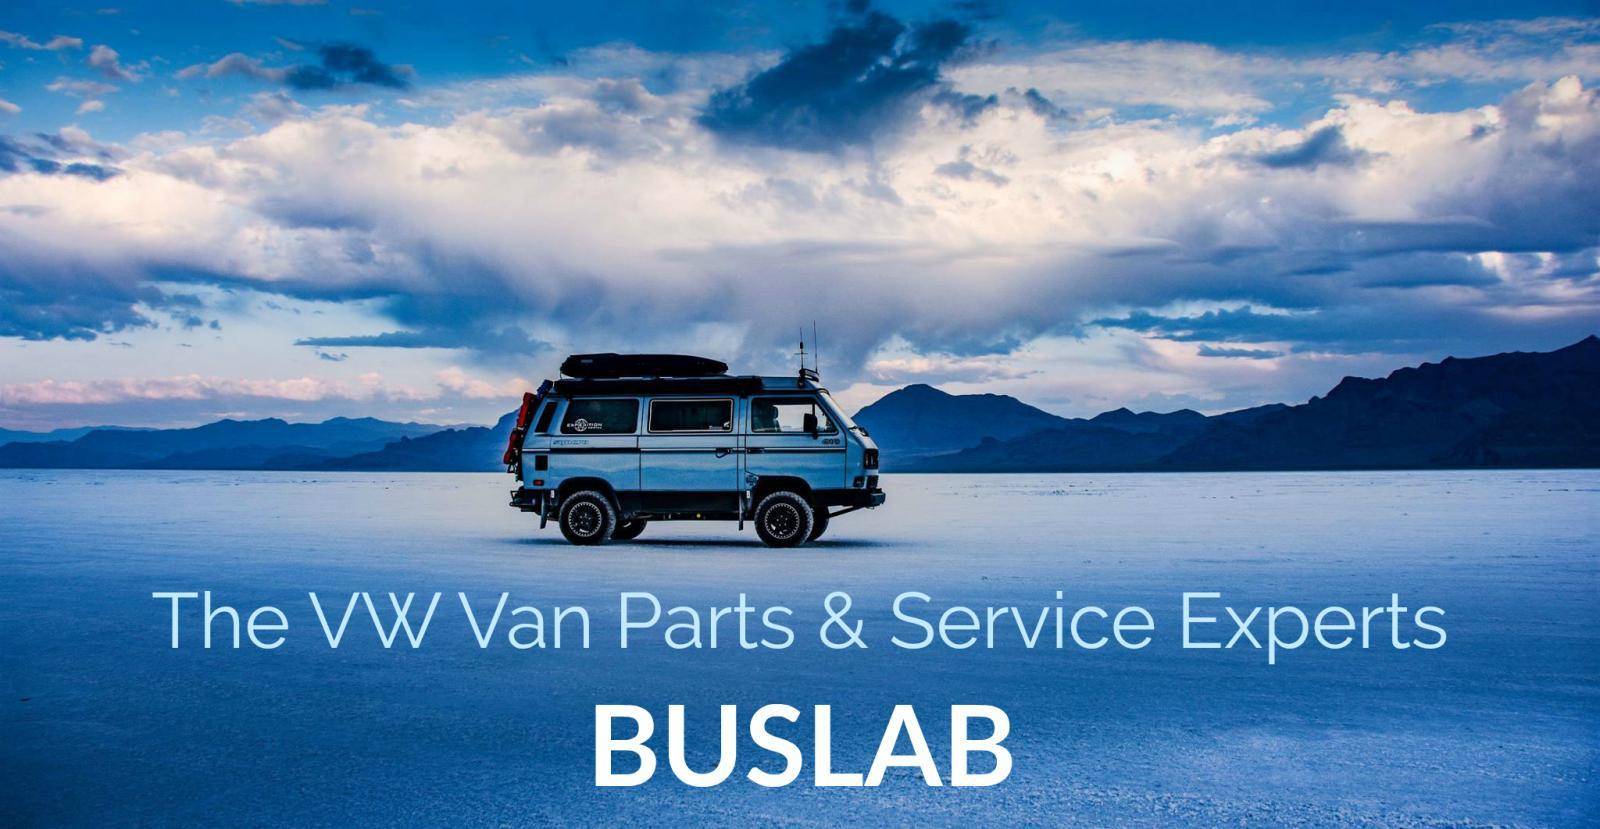 buslab